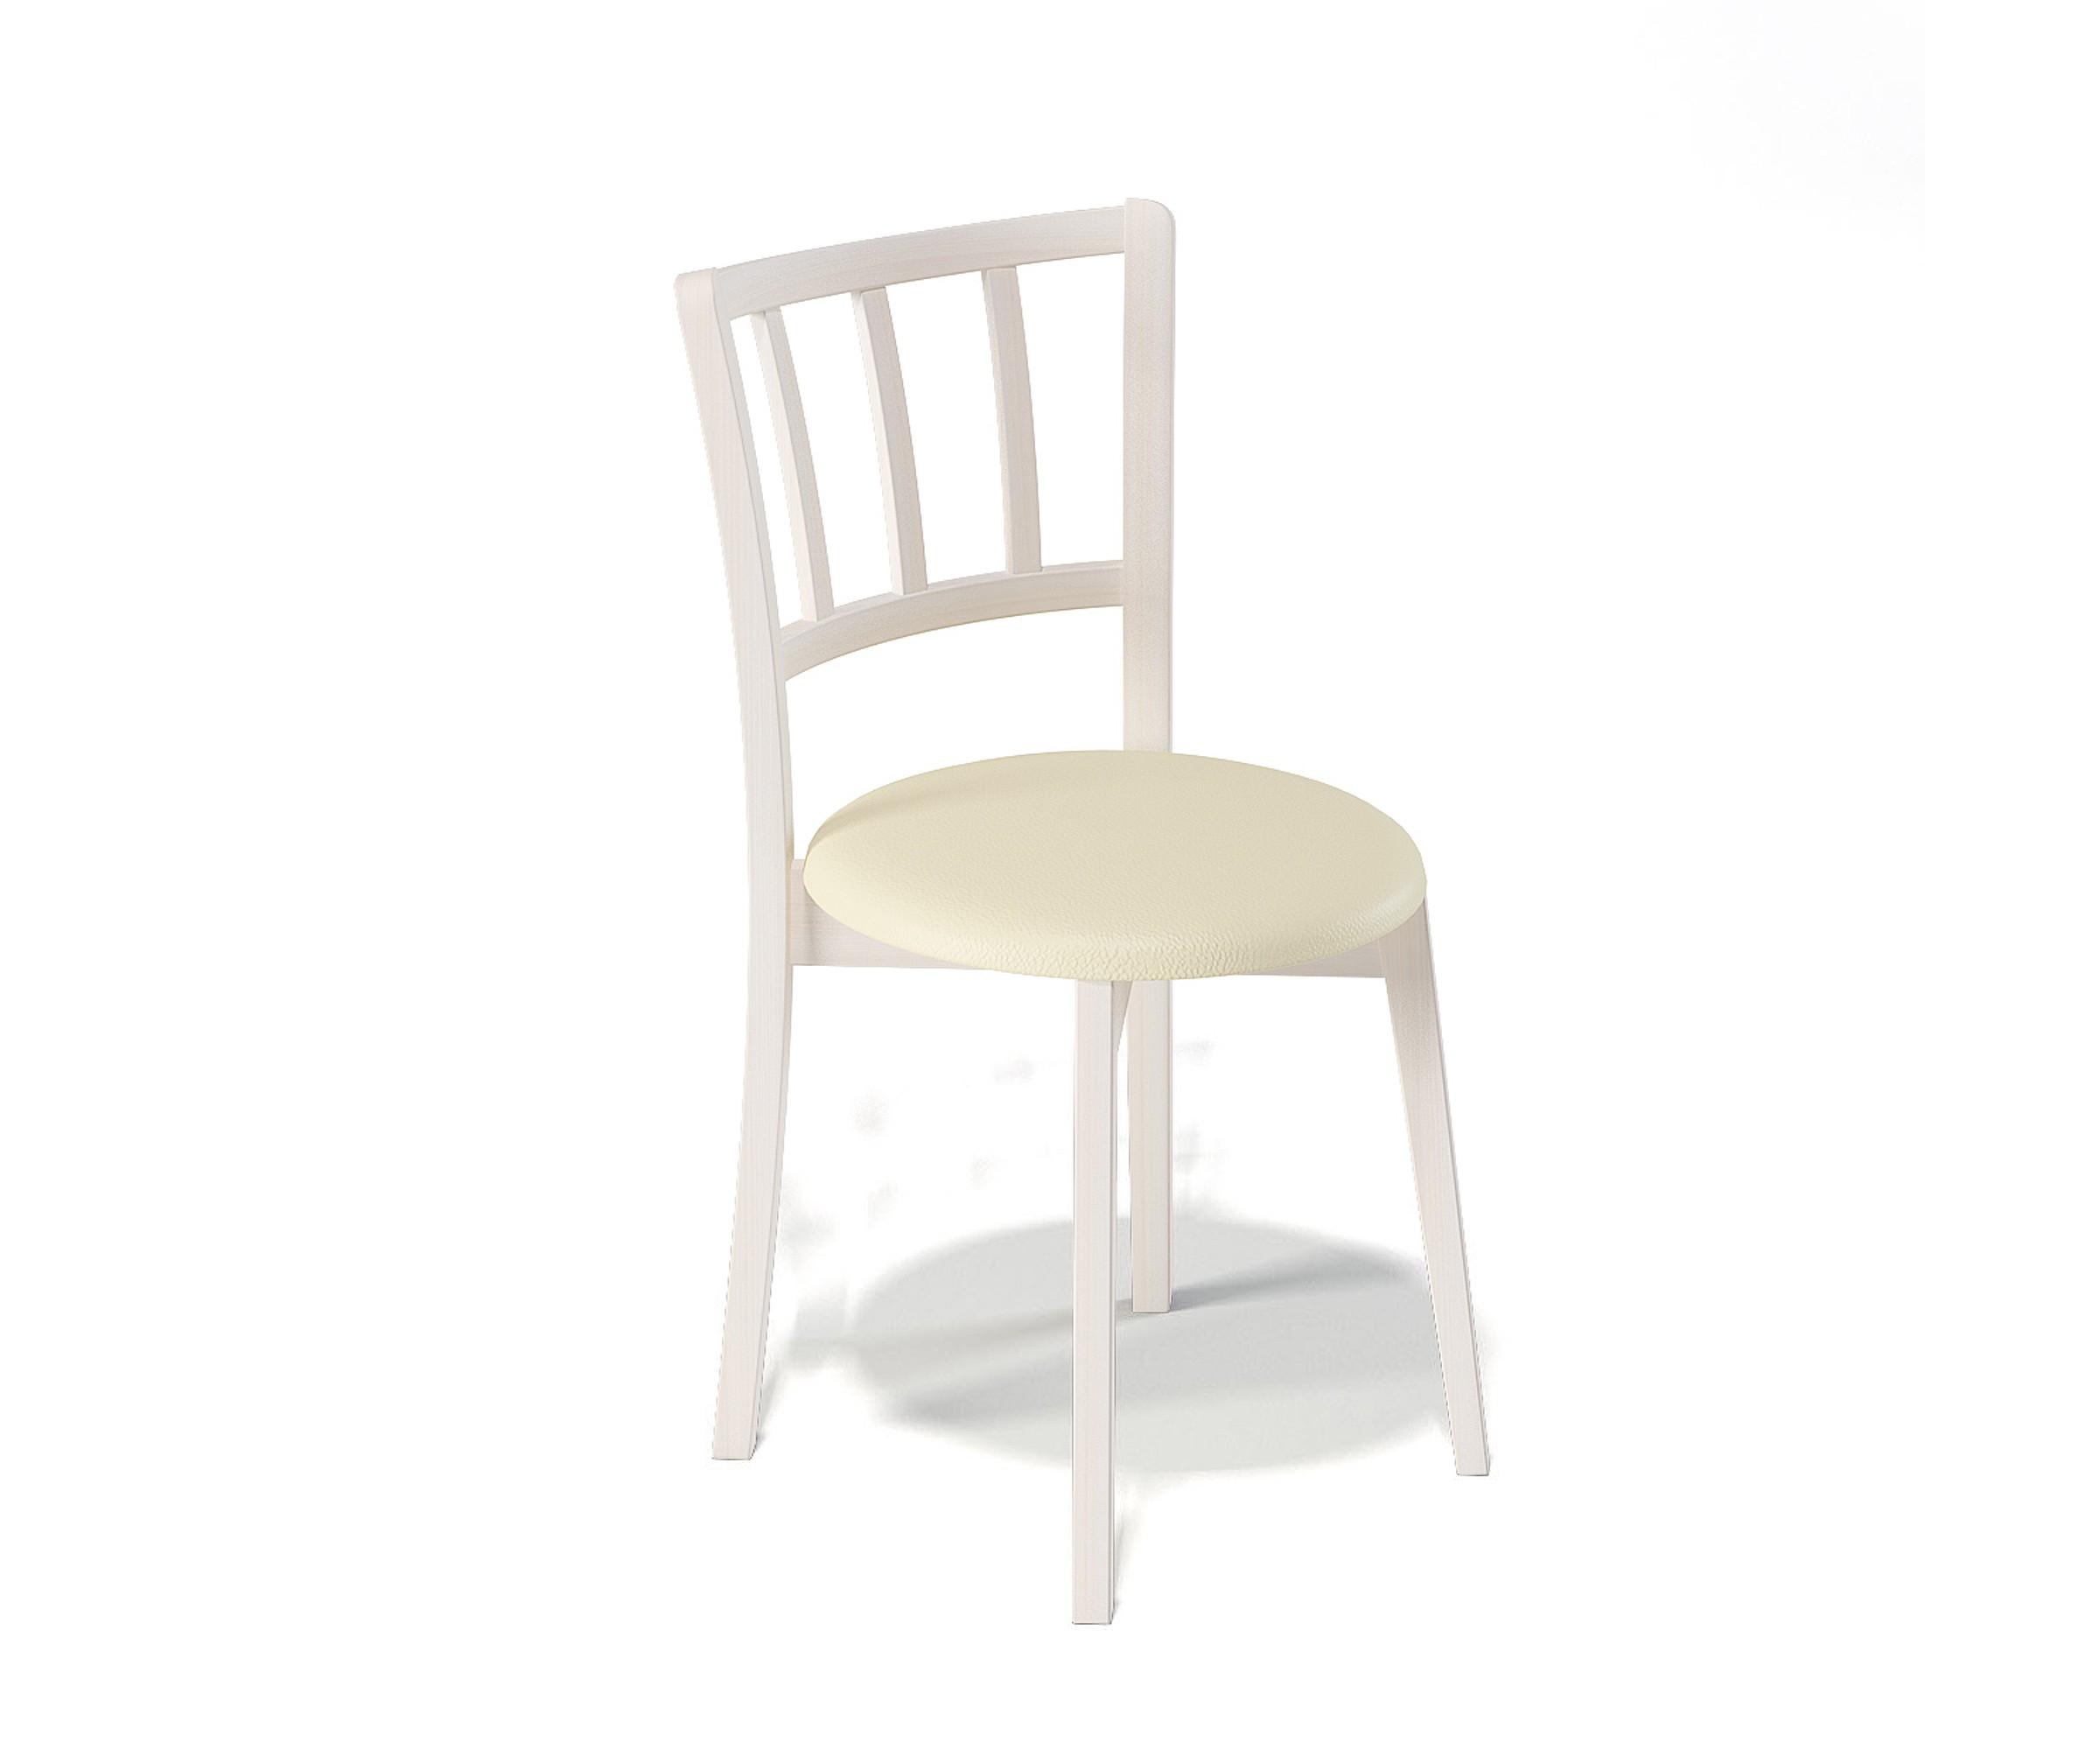 Стул KennerОбеденные стулья<br>Высота от пола до сиденья 46 см.<br><br>Material: Экокожа<br>Ширина см: 40<br>Высота см: 84<br>Глубина см: 40